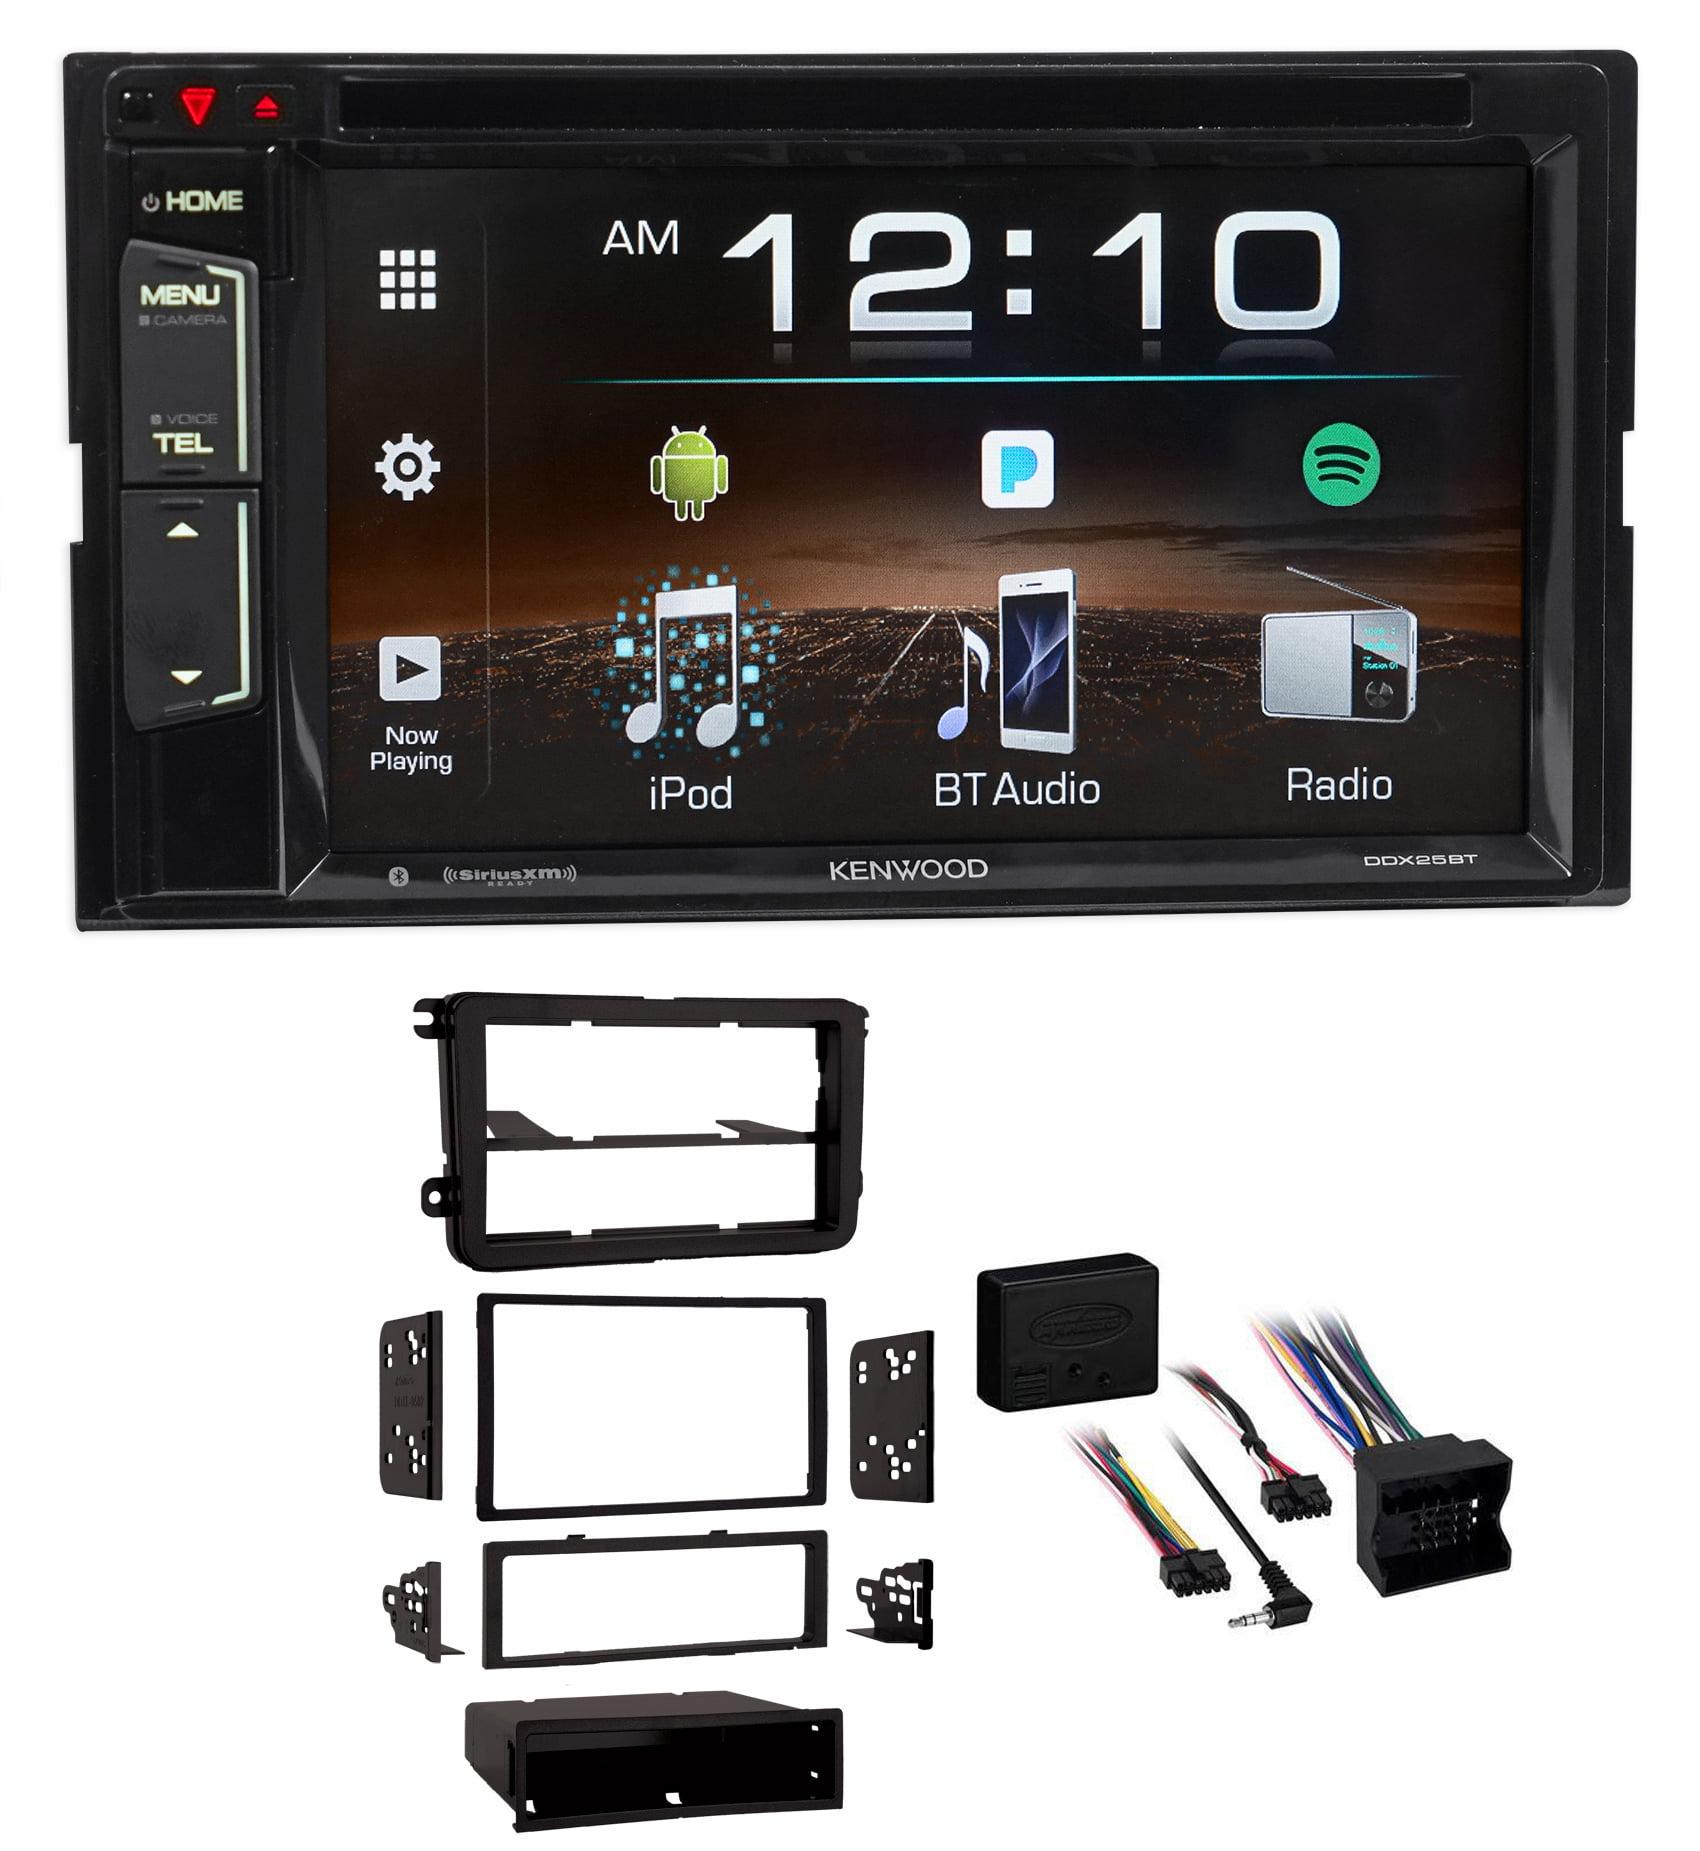 2012-2015 Volkswagen Beetle VW Kenwood Car DVD iPhone Bluetooth USB Receiver by Kenwood